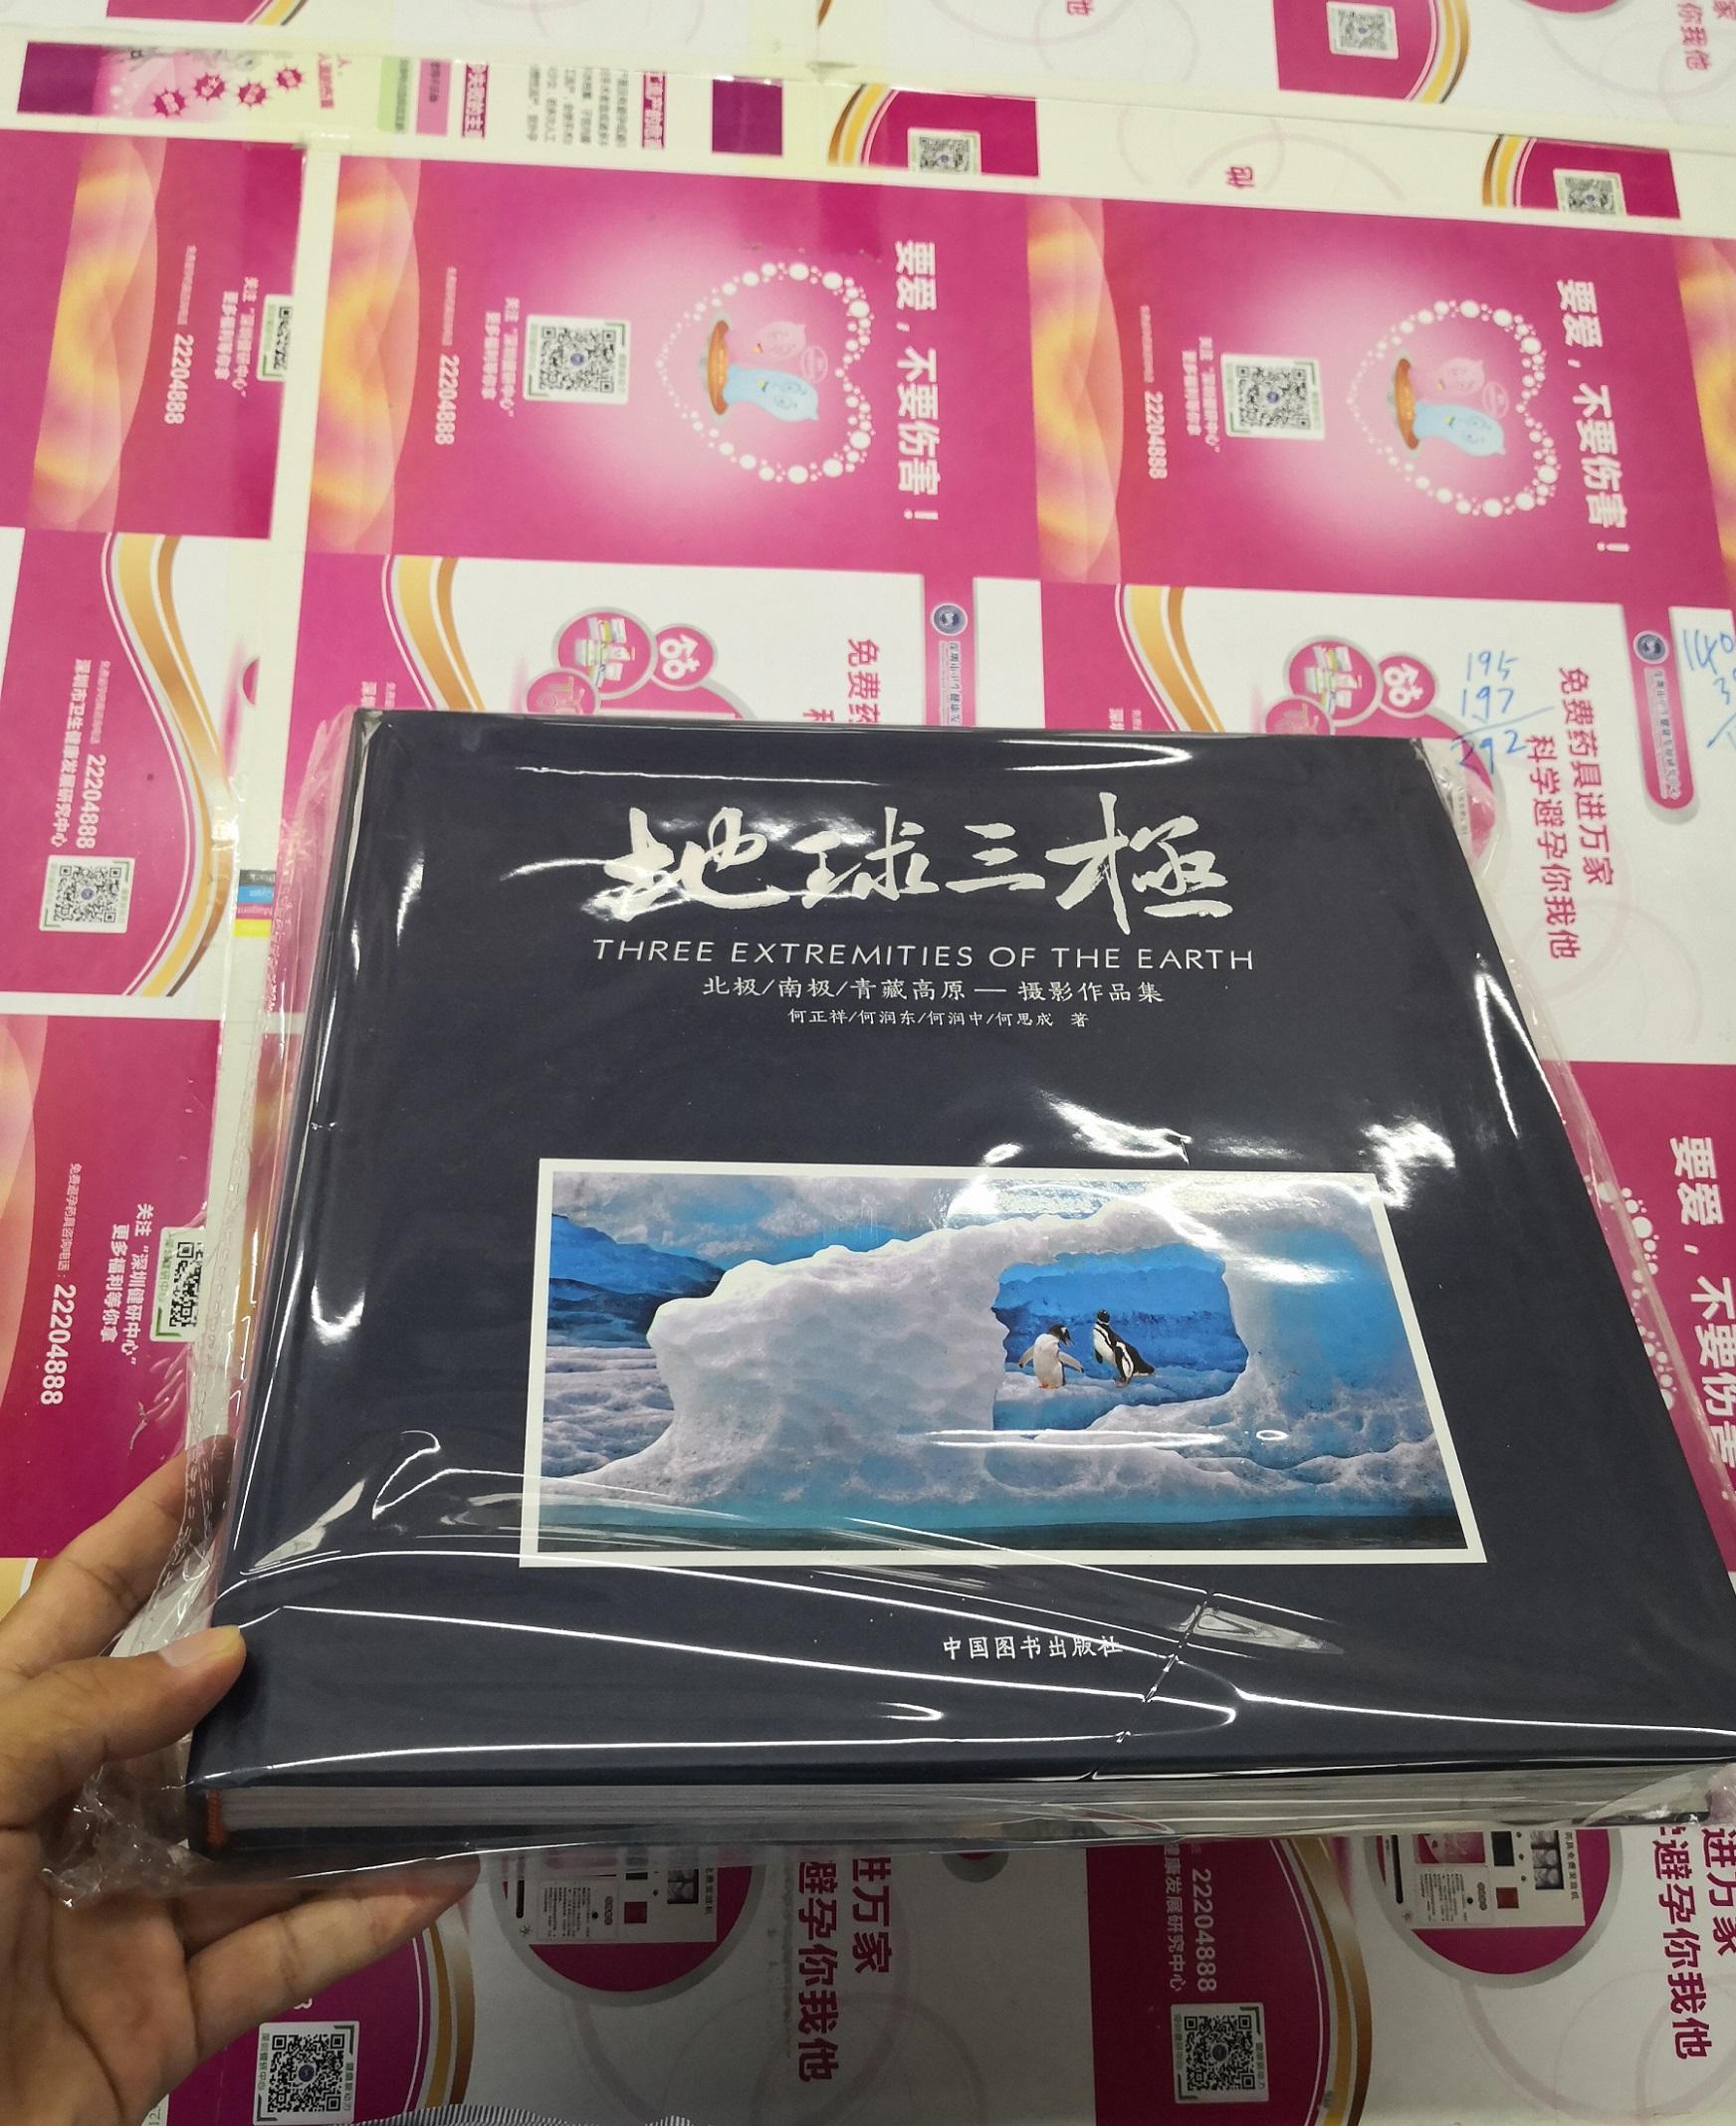 黑龙江点读笔书刊印刷有声书本印制专业制造品质精良